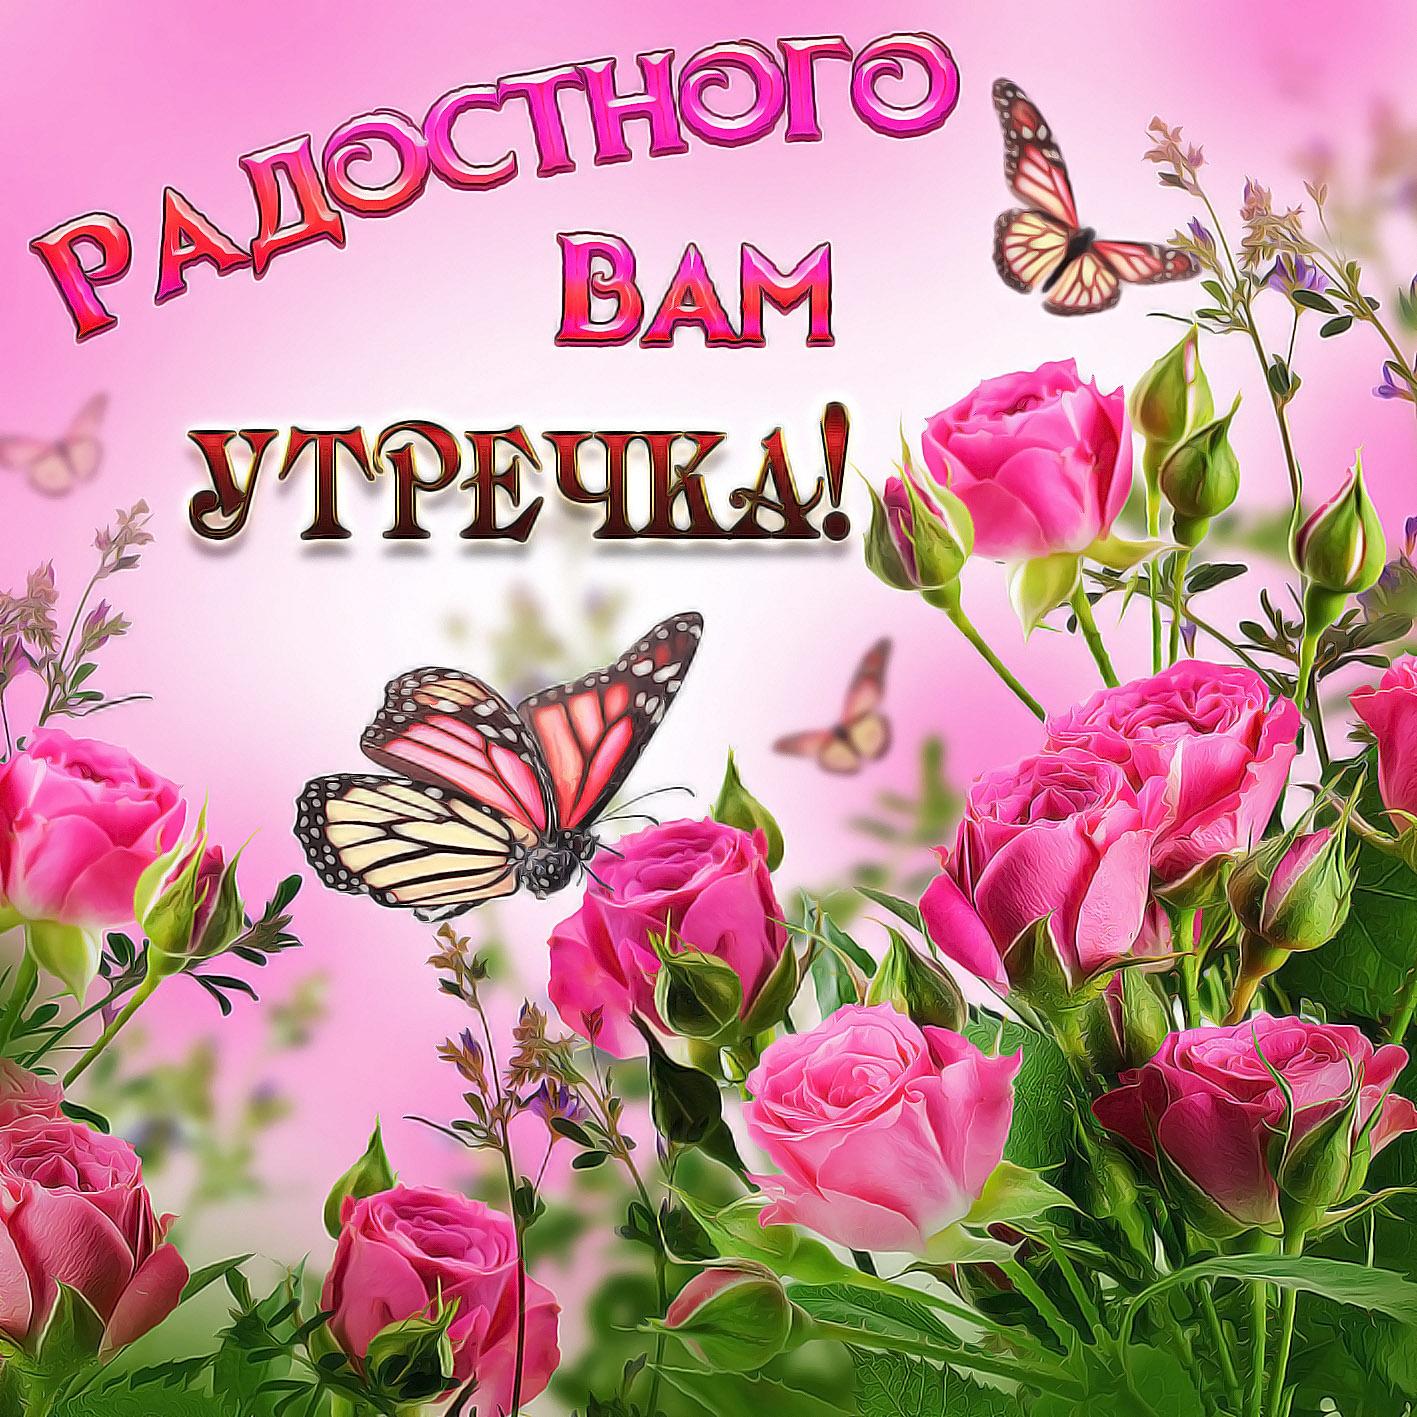 https://kartinki-life.ru/articles/2018/09/07/krasivye-otkrytki-kartinki-s-dobrym-utrom-chast-2-aya-txt-1.jpg